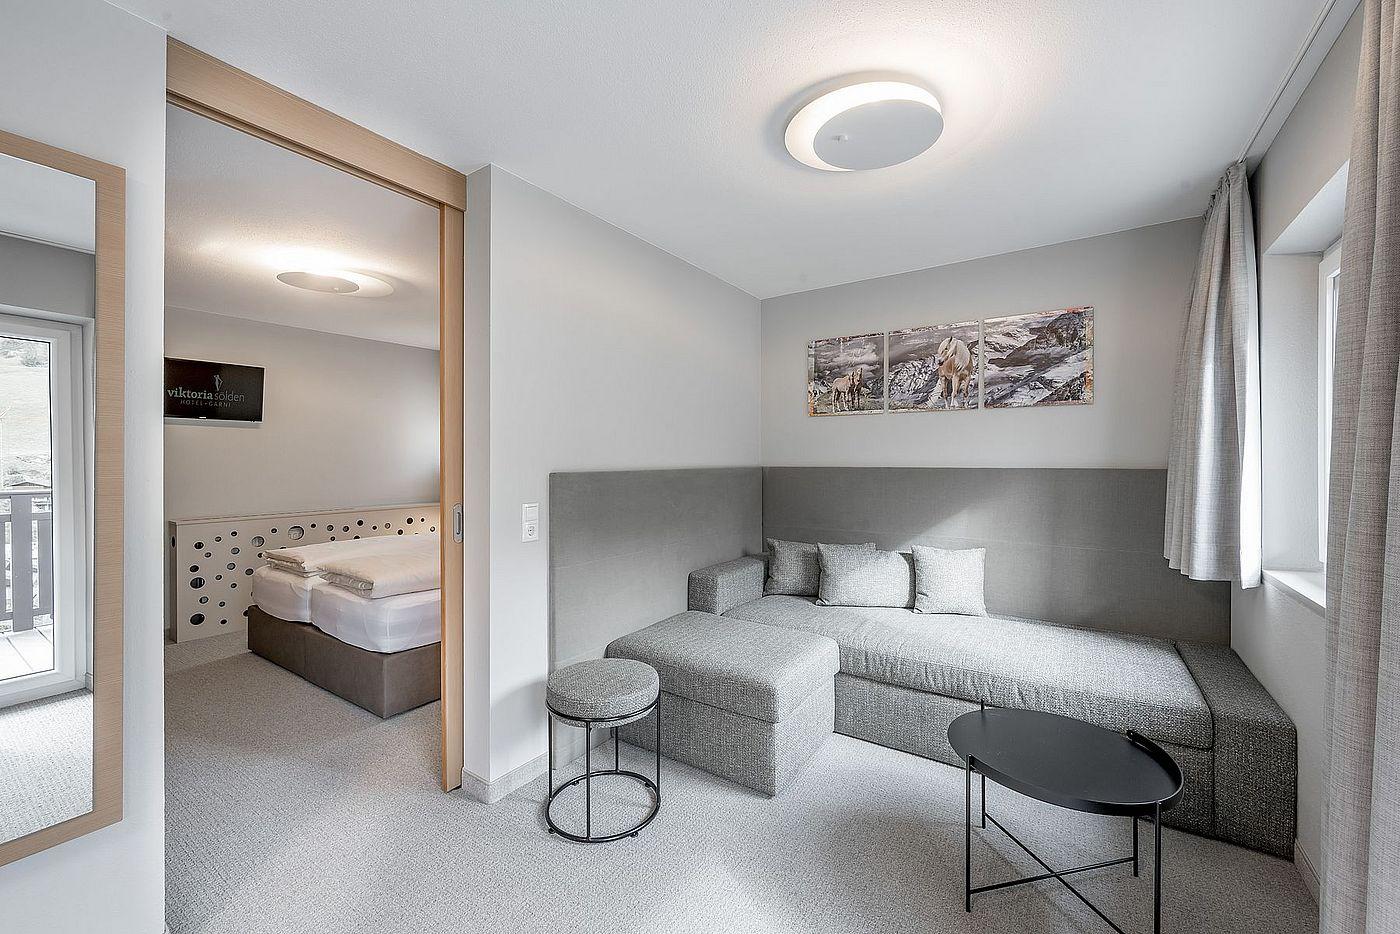 Ferienart Apartment